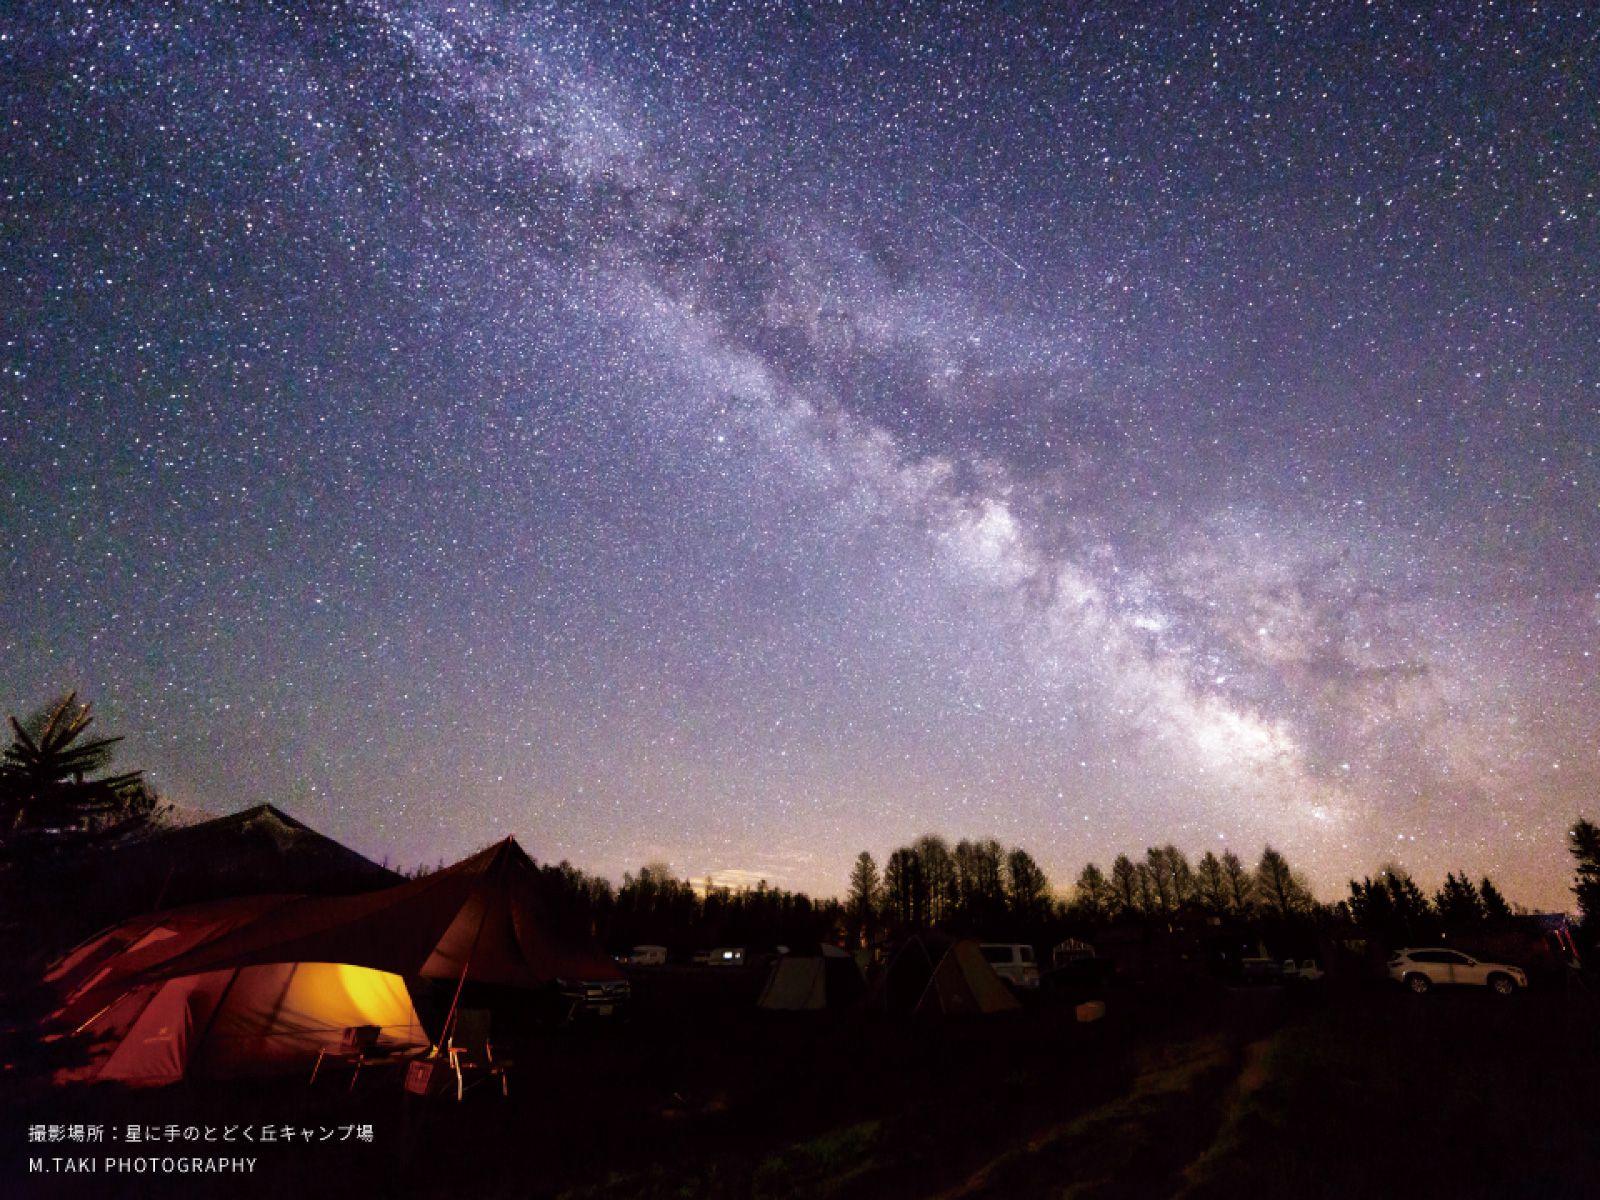 在360度的滿天星空之下,來一次刻骨銘心的露營體驗!伸手就可觸摸到繁星的丘陵露營場